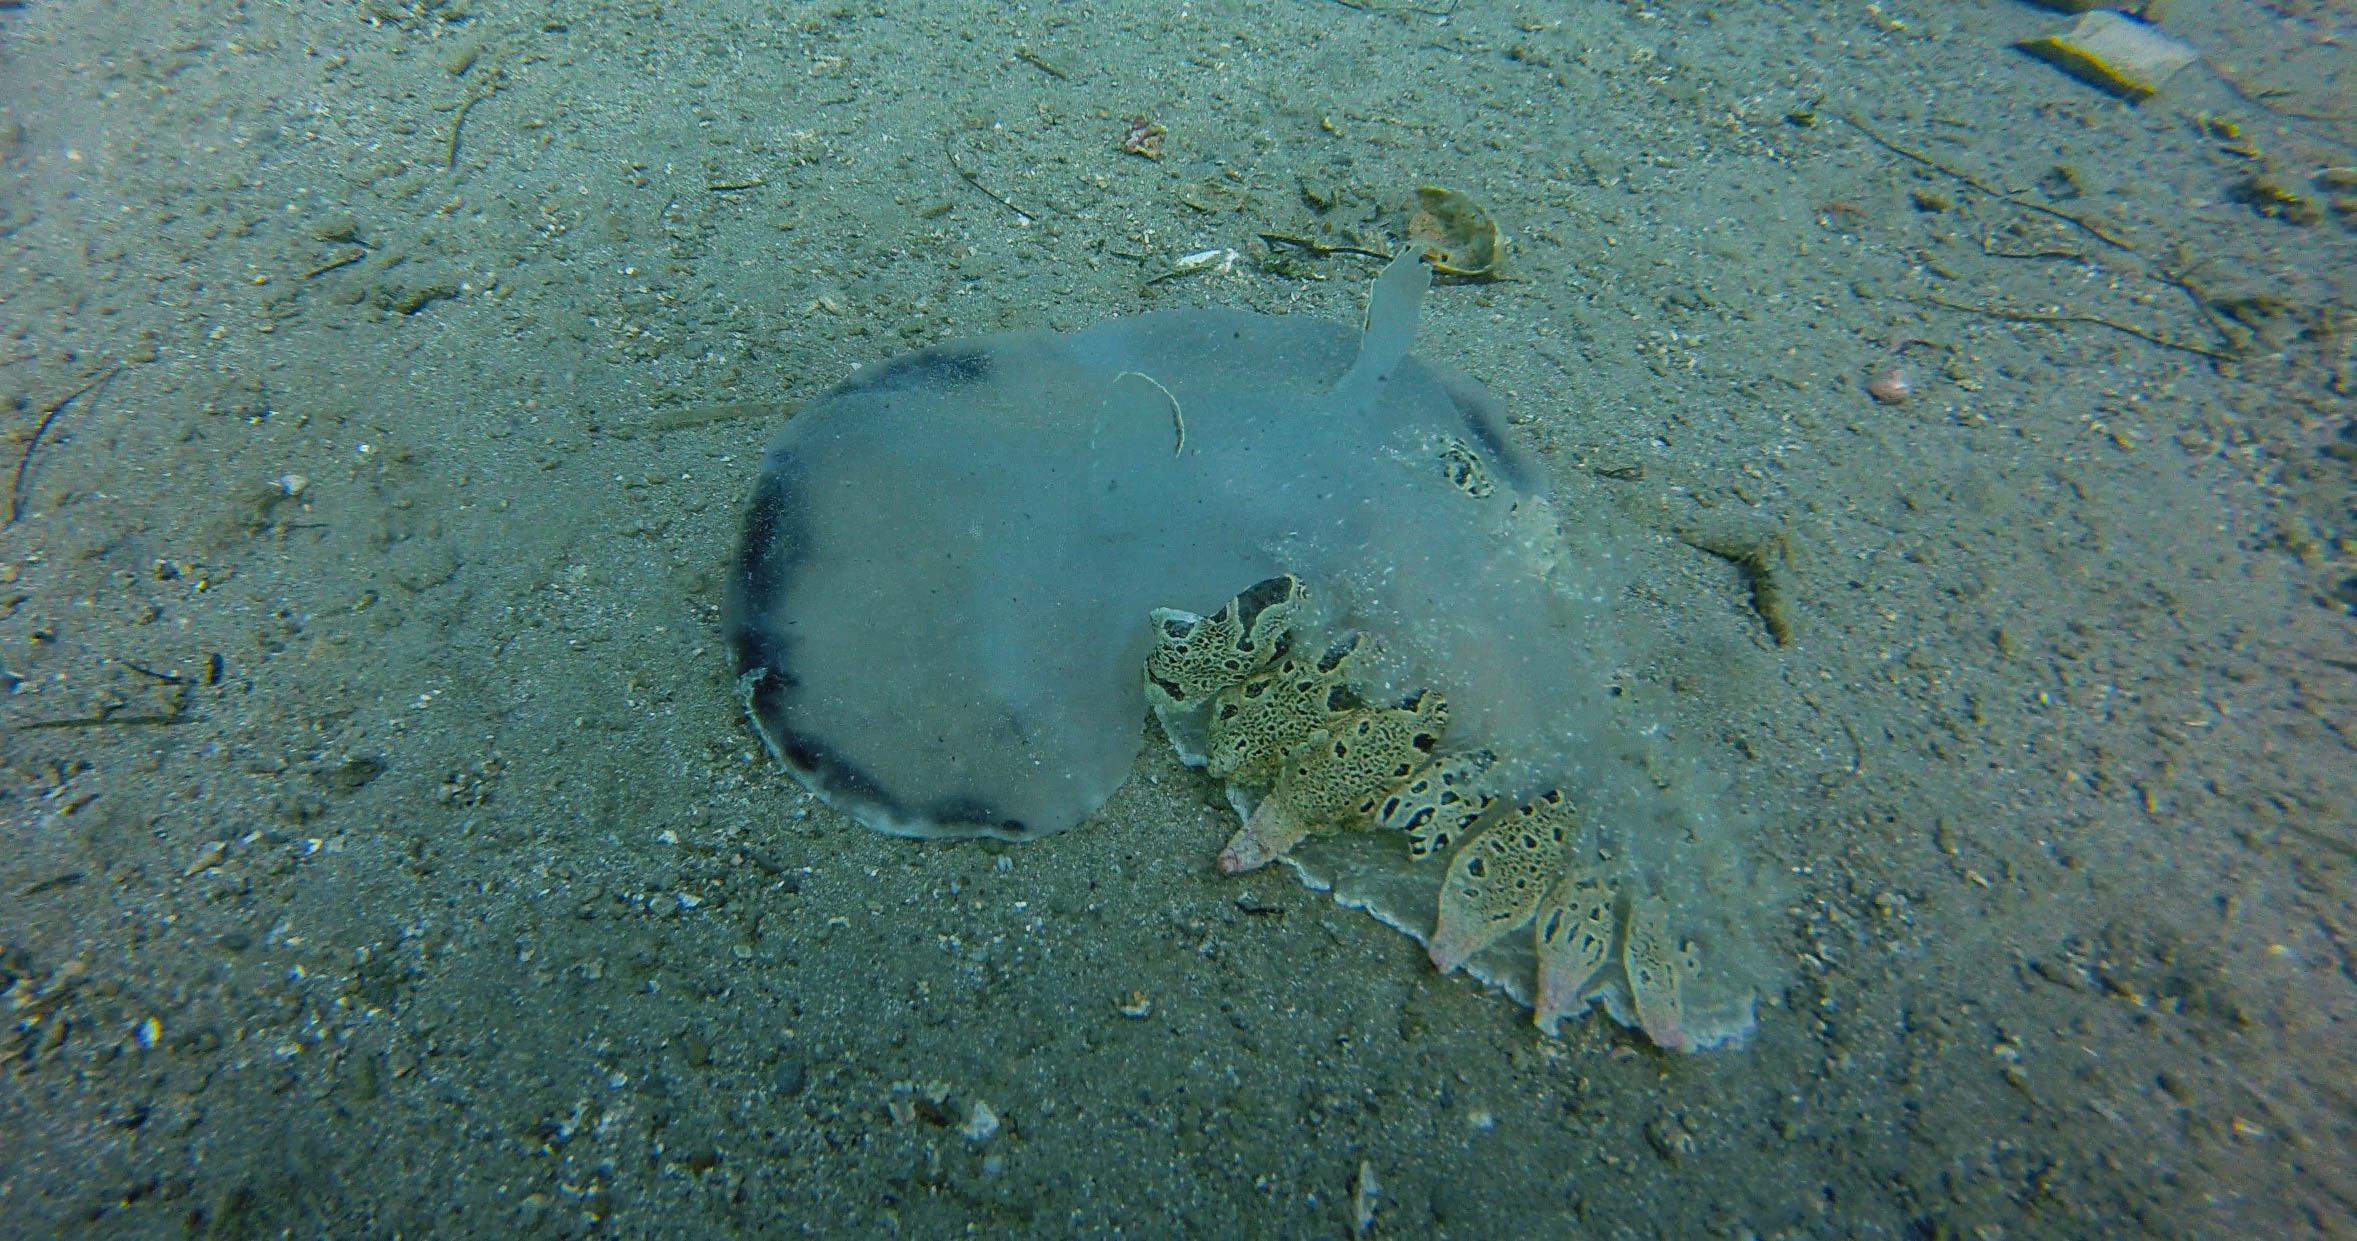 Tethys Sea Slug in Slovenia